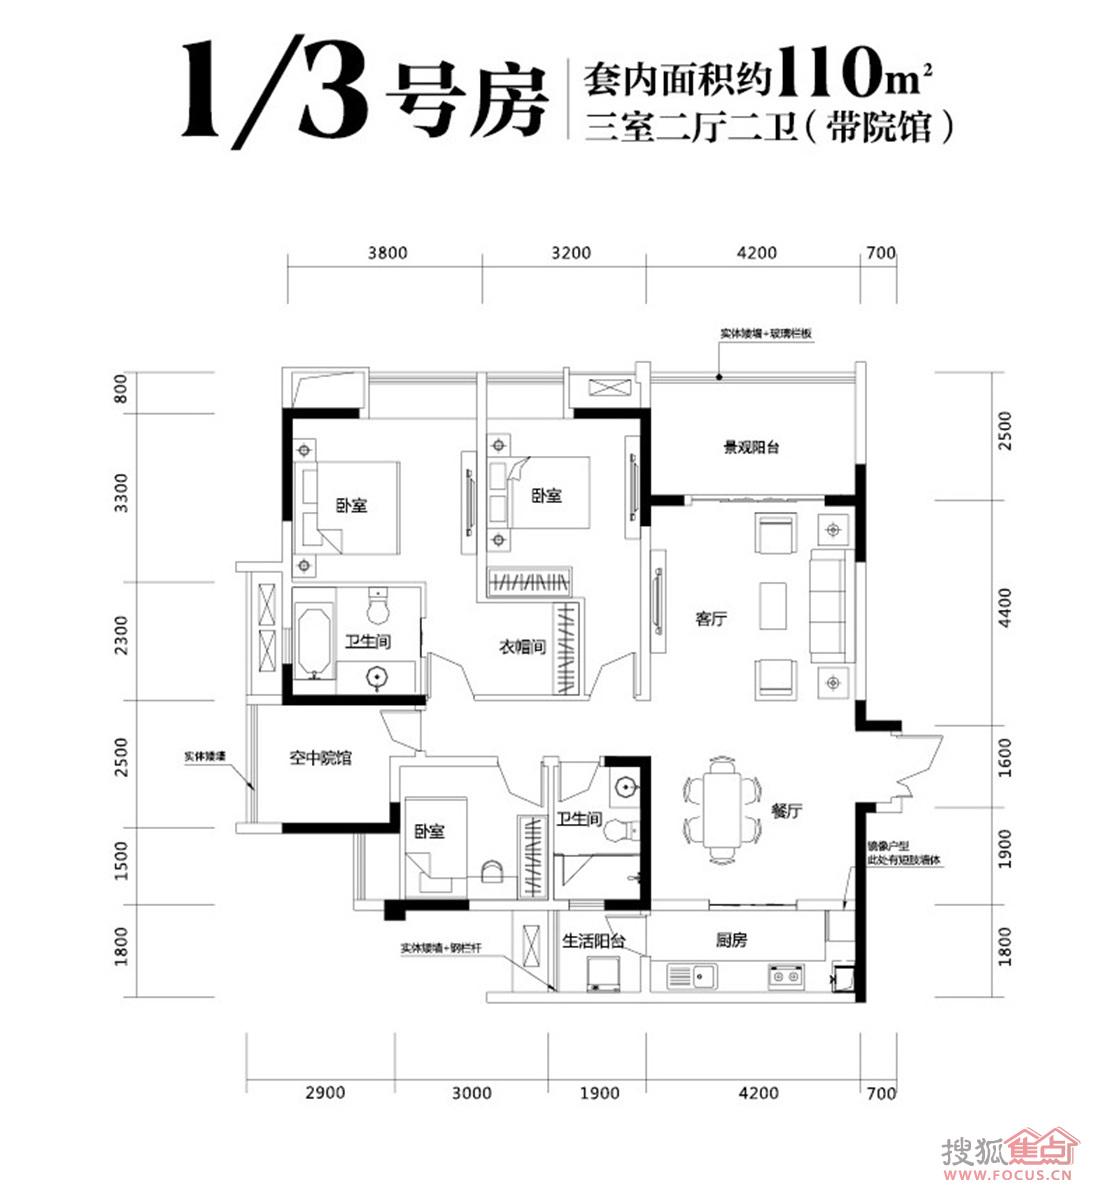 招商晶公馆三居室1/3号房_招商晶公馆户型图-重庆搜狐